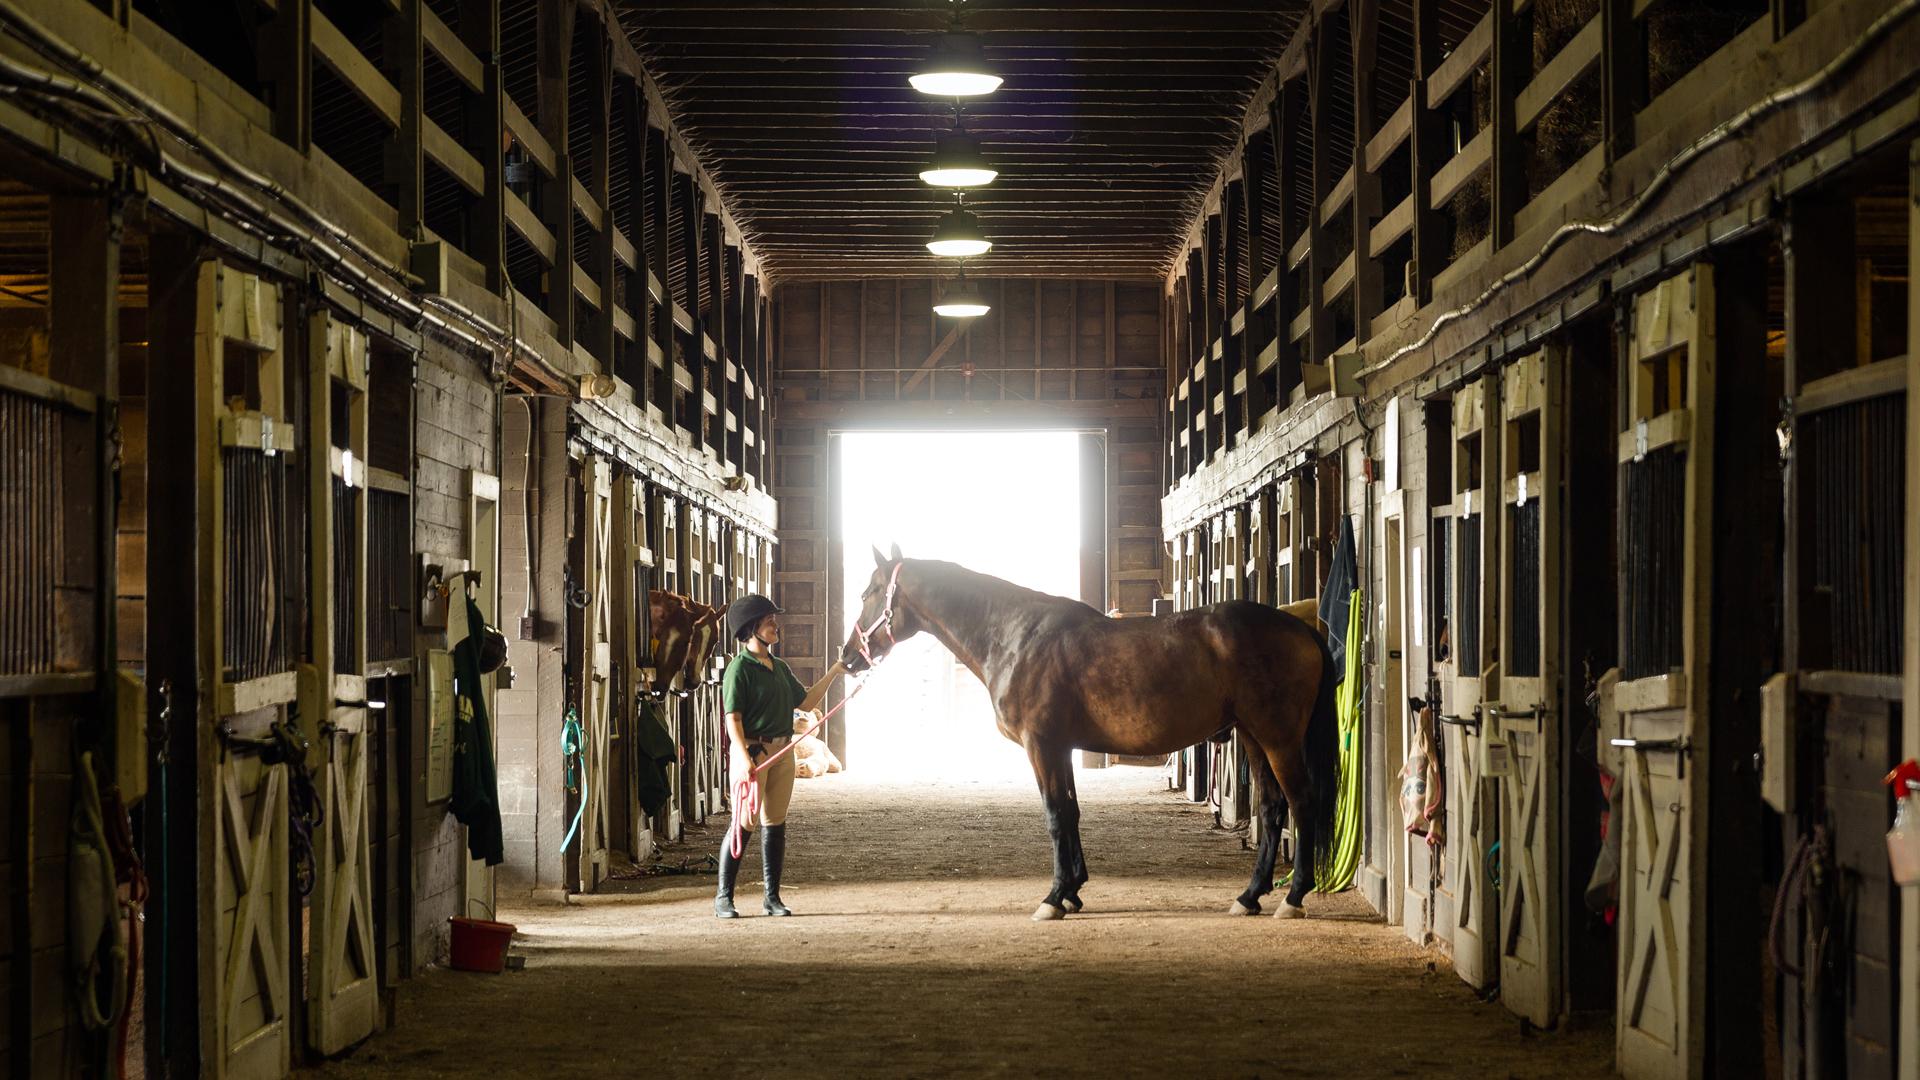 Horseback Riding photo